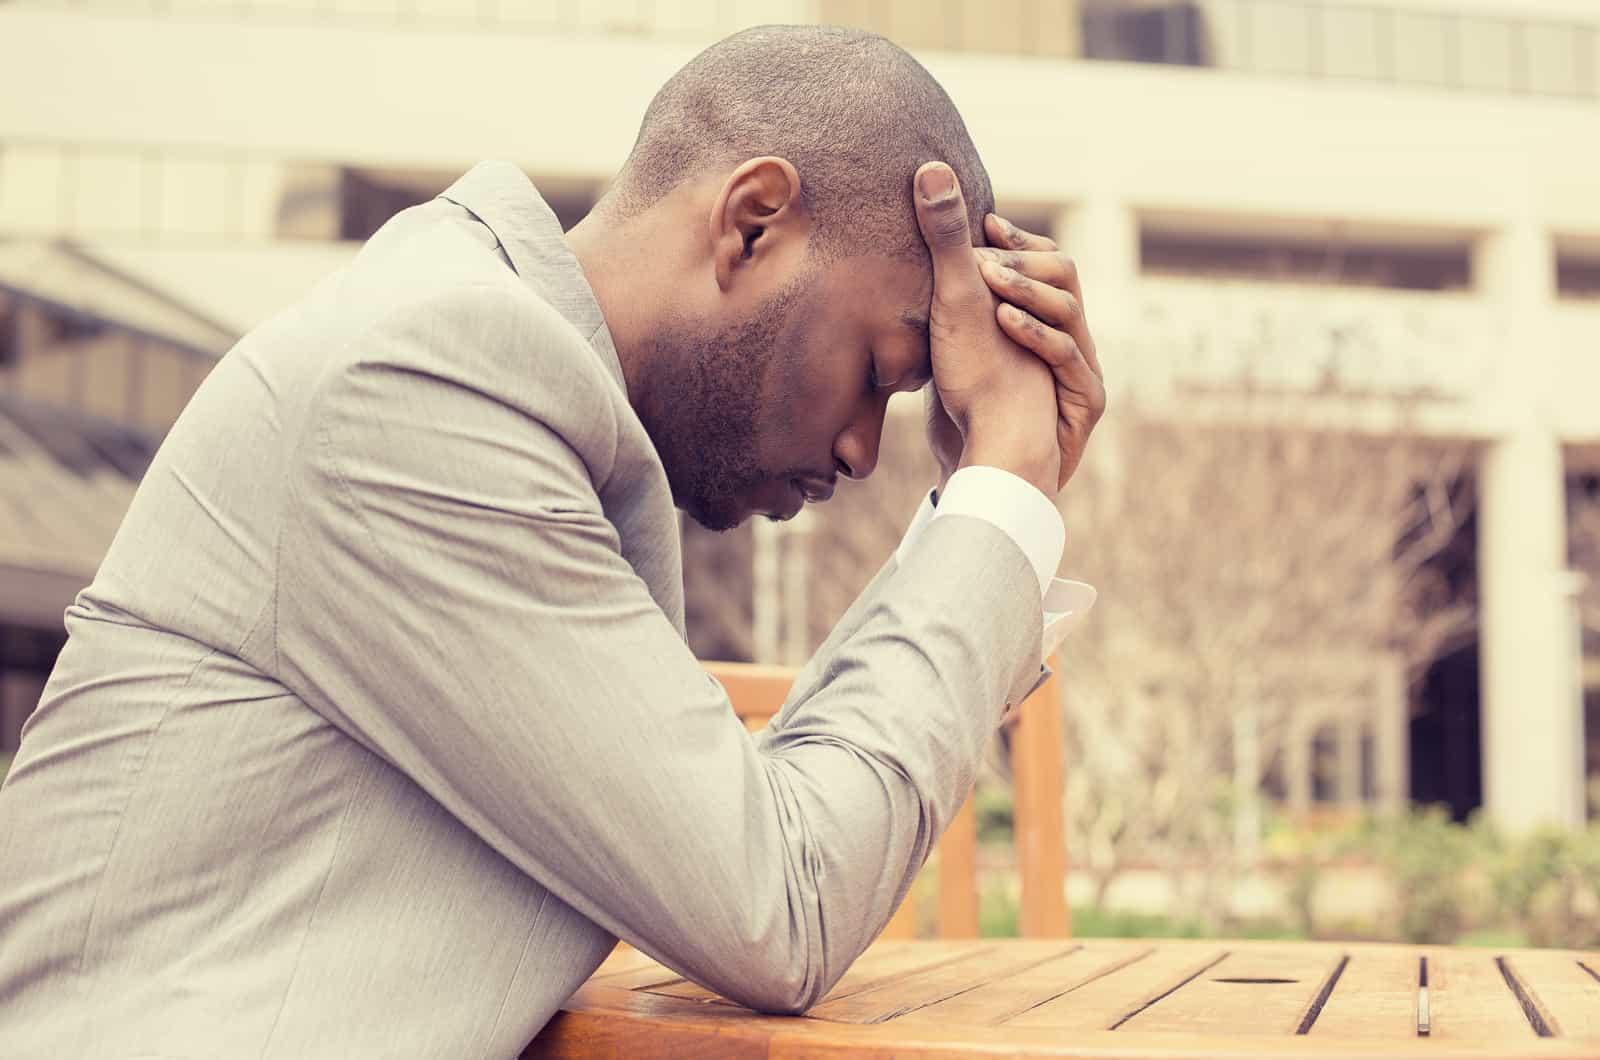 depressiver Mann sitzt